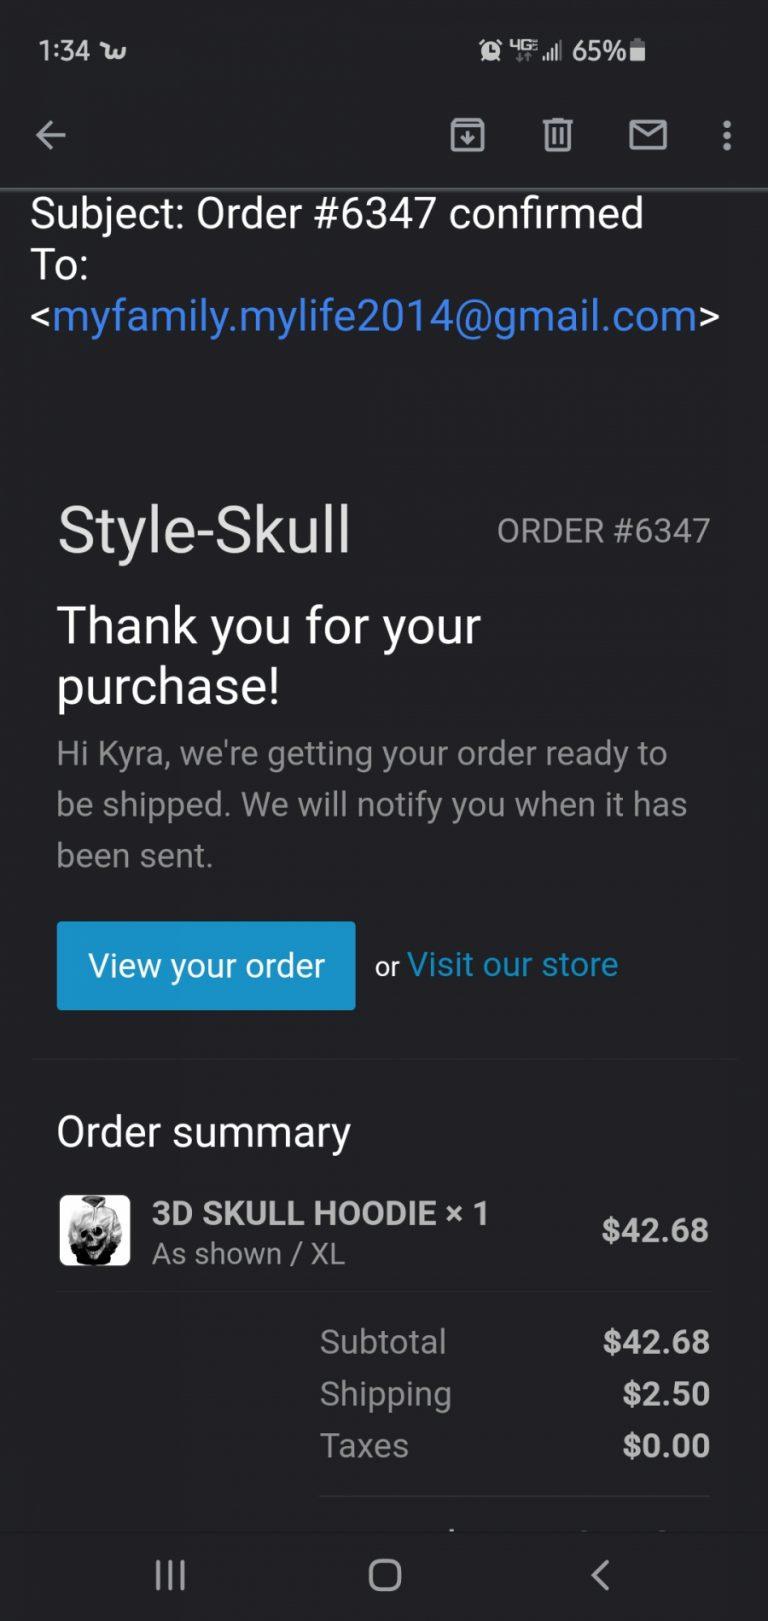 Styleskull